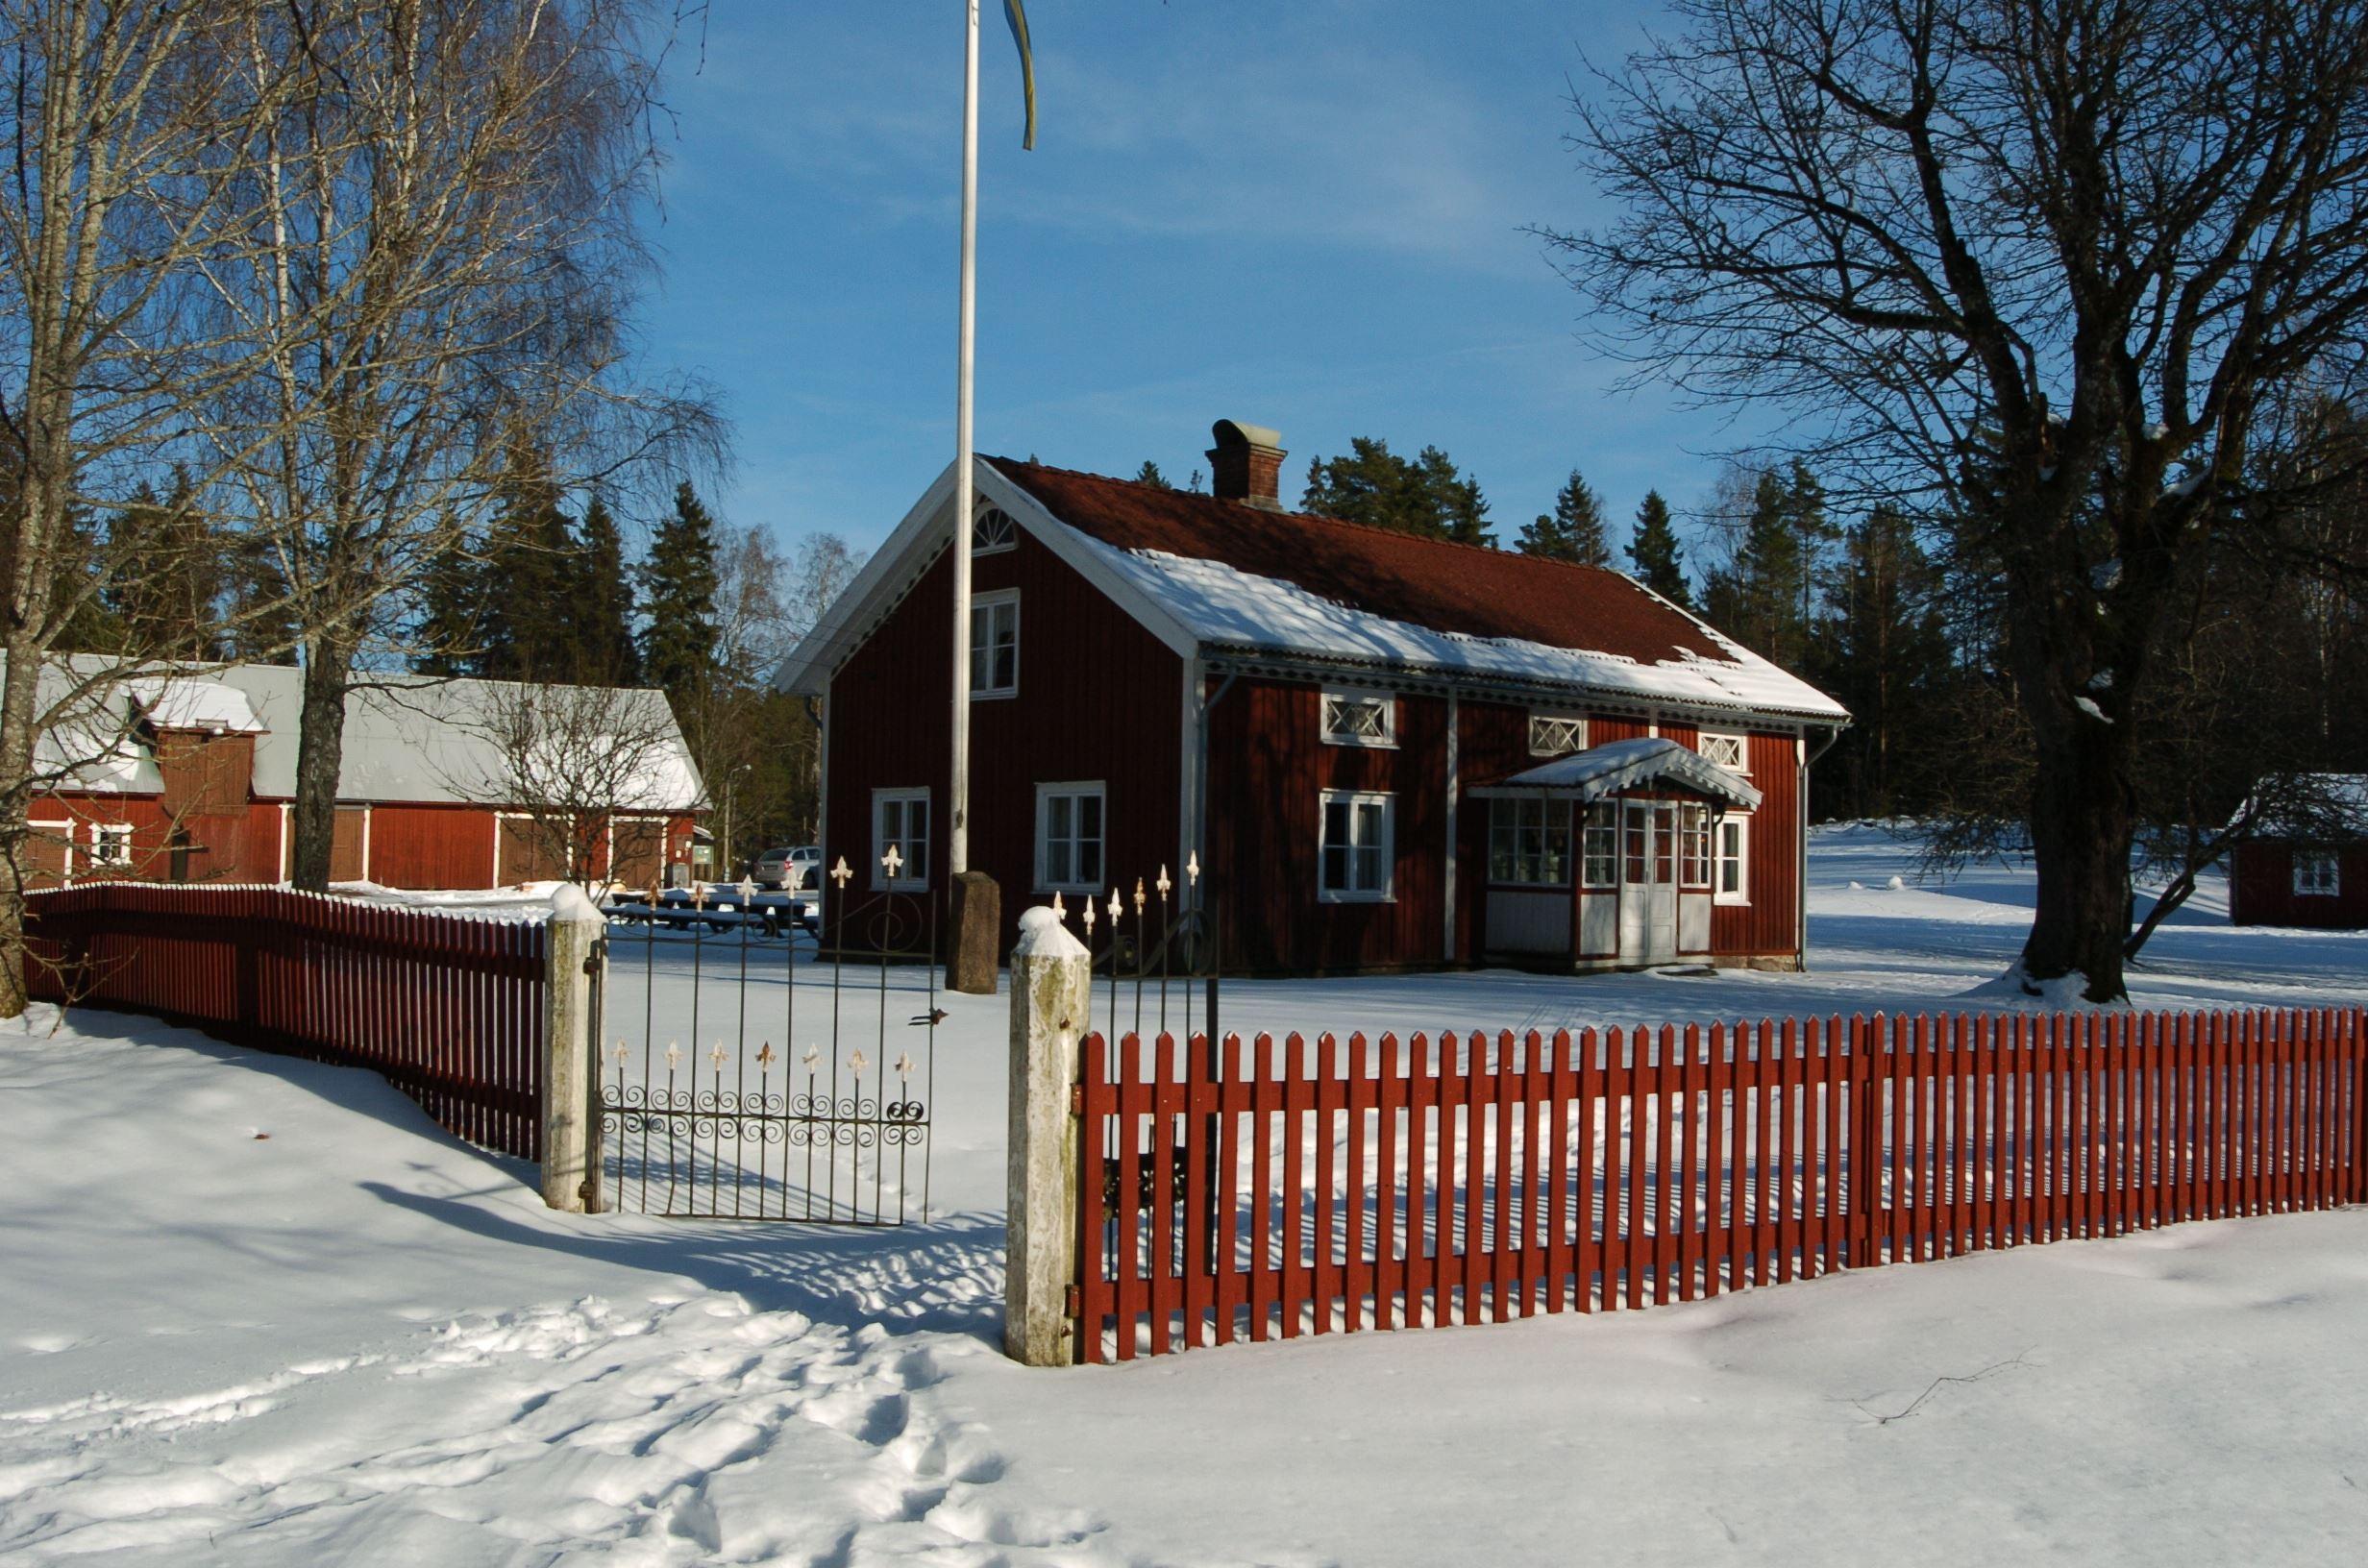 Stefan Svensson,  © Stefan Svensson, Töllstorps industrimuseum - Töllstorps Industrial Museum